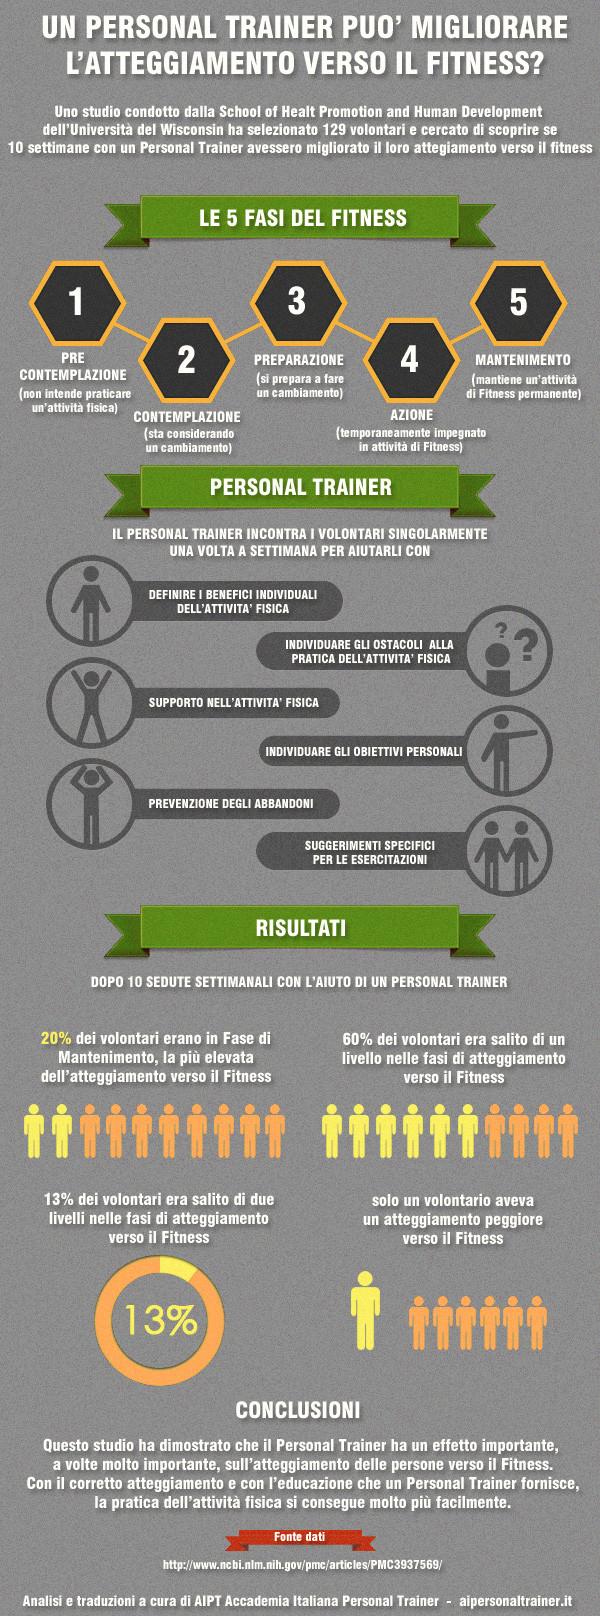 un Personal Trainer può migliorare l'atteggiamento verso il Fitness